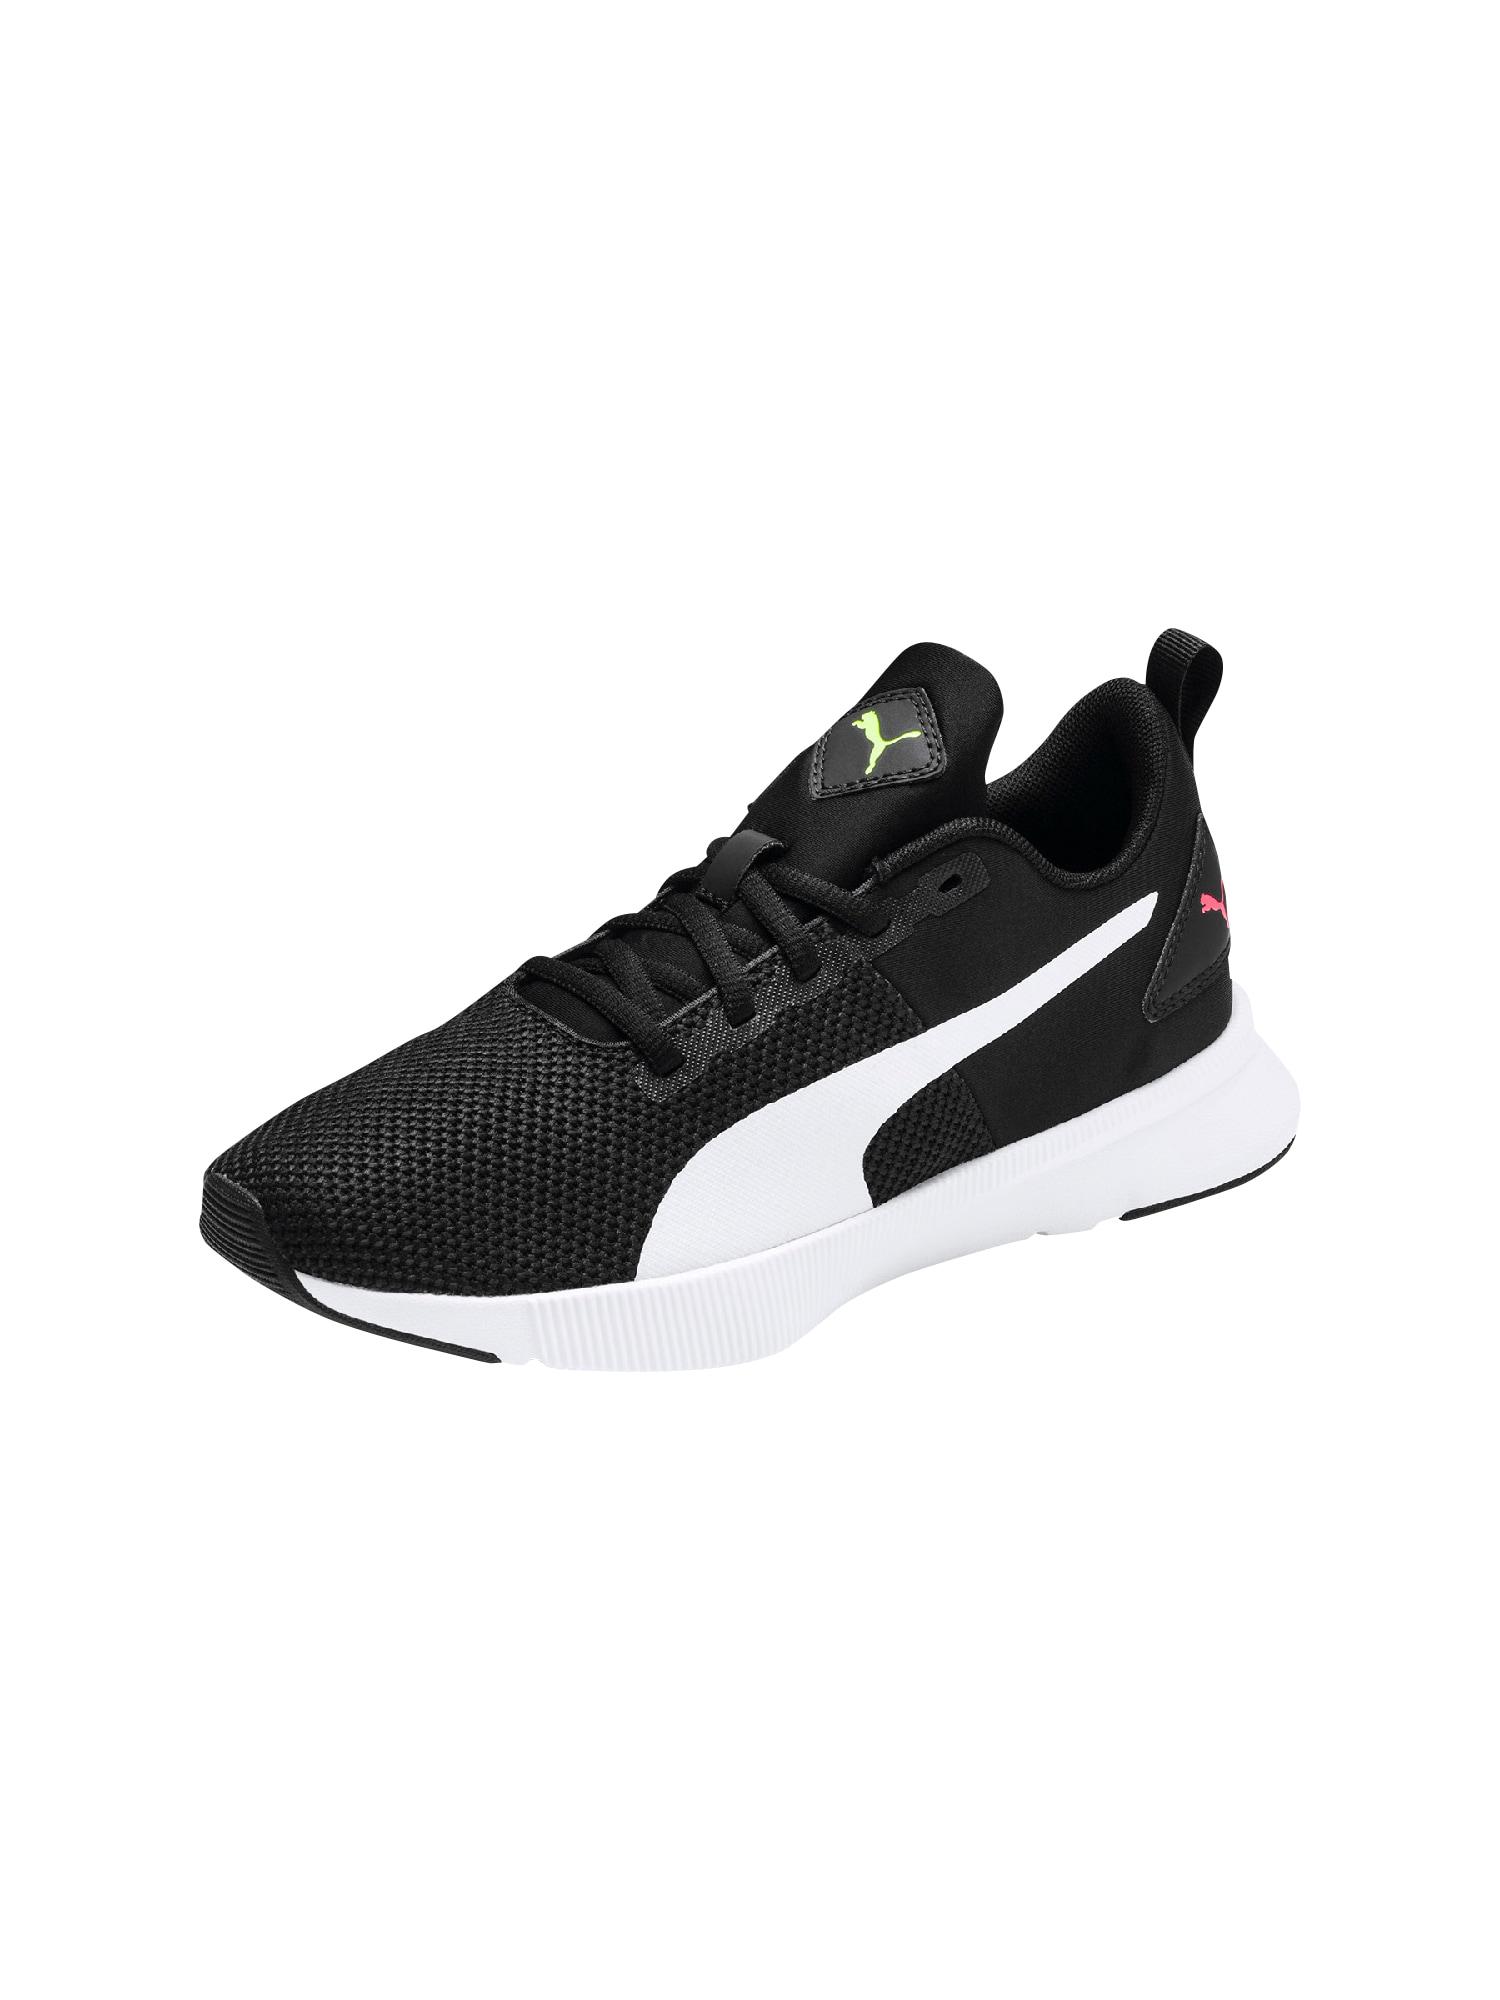 Sportovní boty FLYER RUNNER černá bílá PUMA